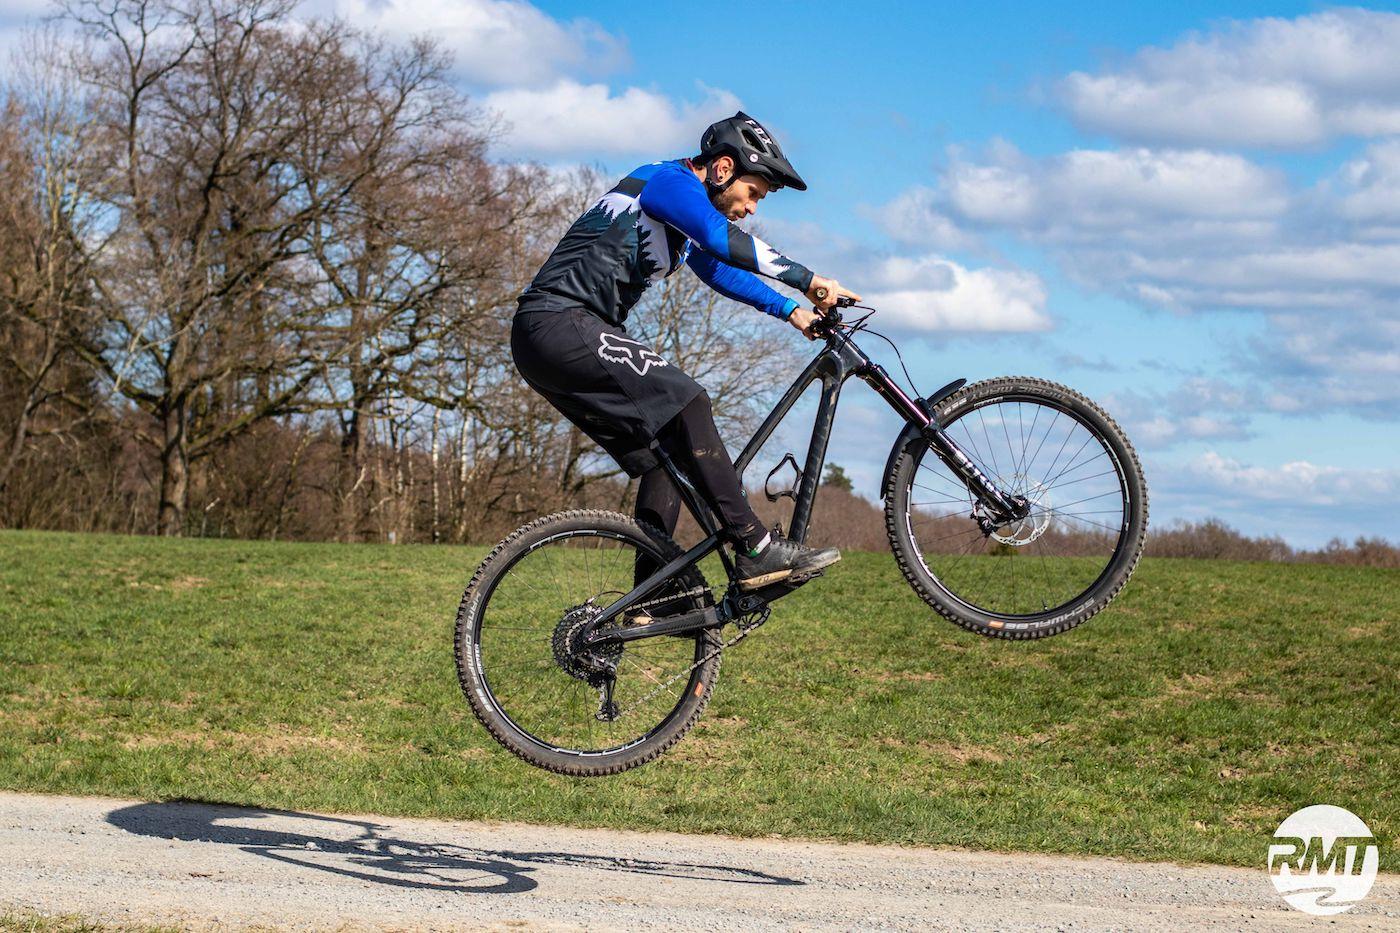 MTB Fahrtechnik Kurs Fortgeschrittene in Bad Orb |Spessart - Mountainbike Fortgeschritten - Rock my Trail Bikeschule - 12